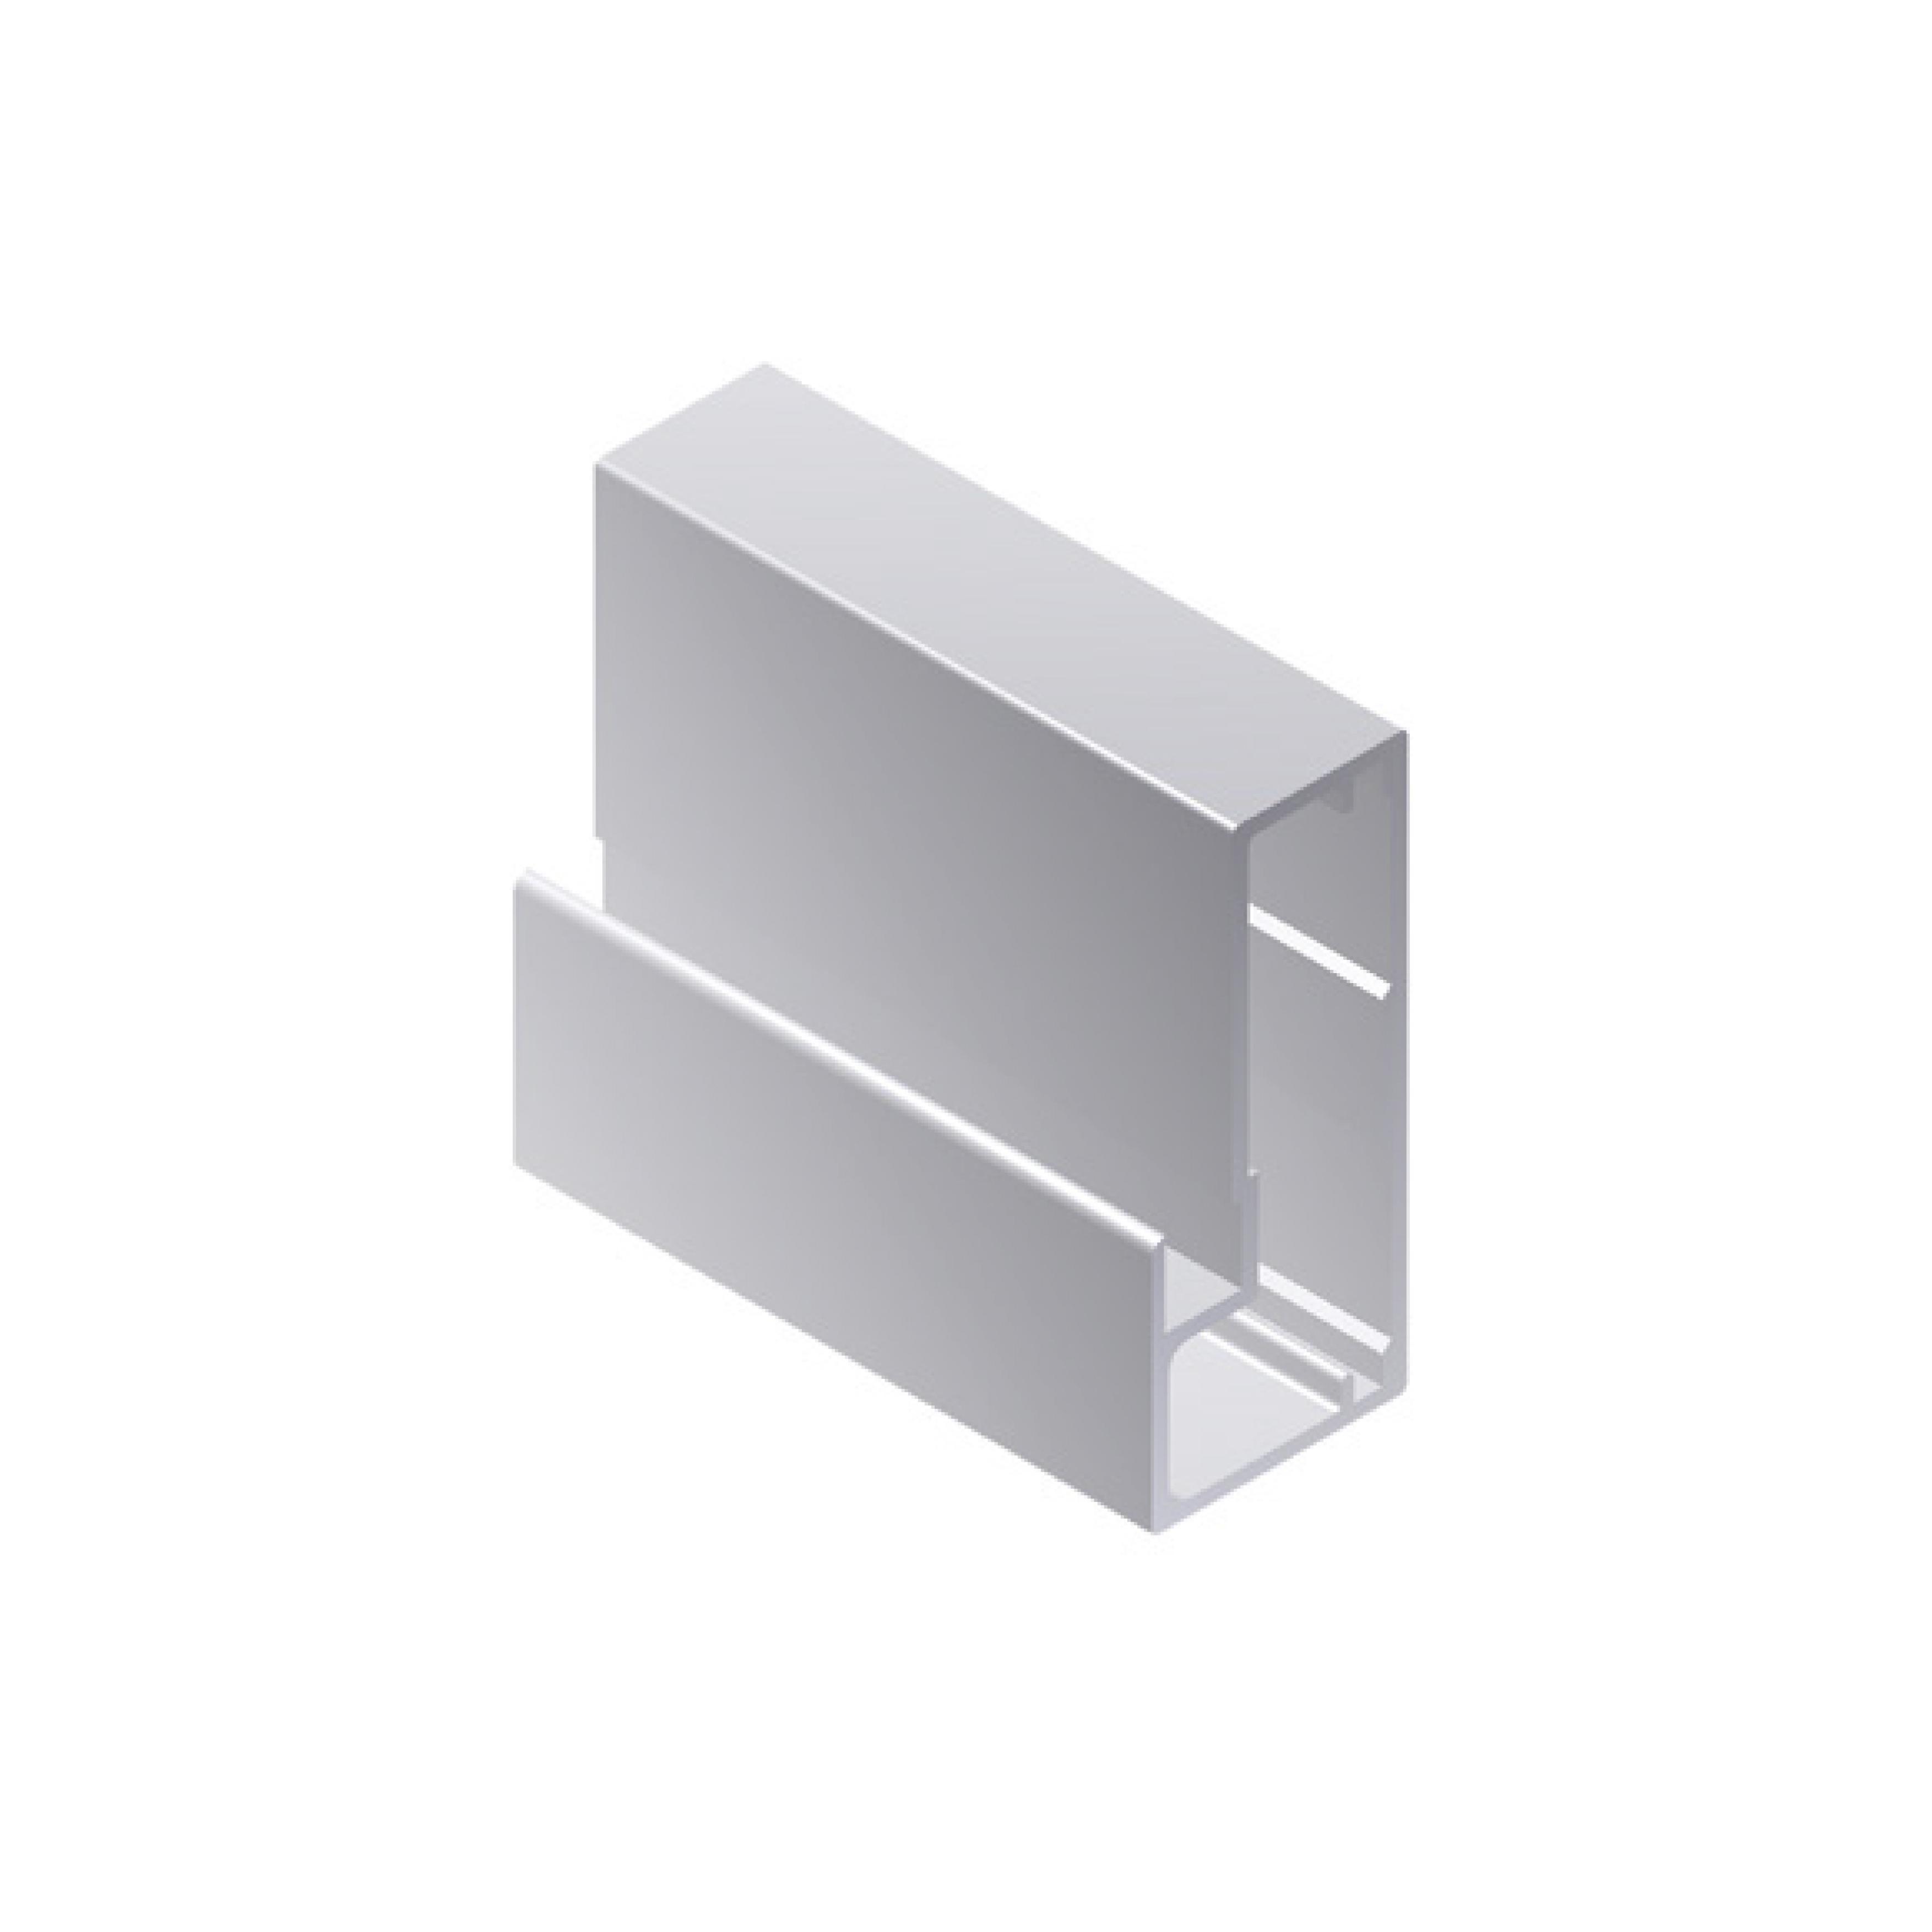 43C409 PERFIL 45x20x20